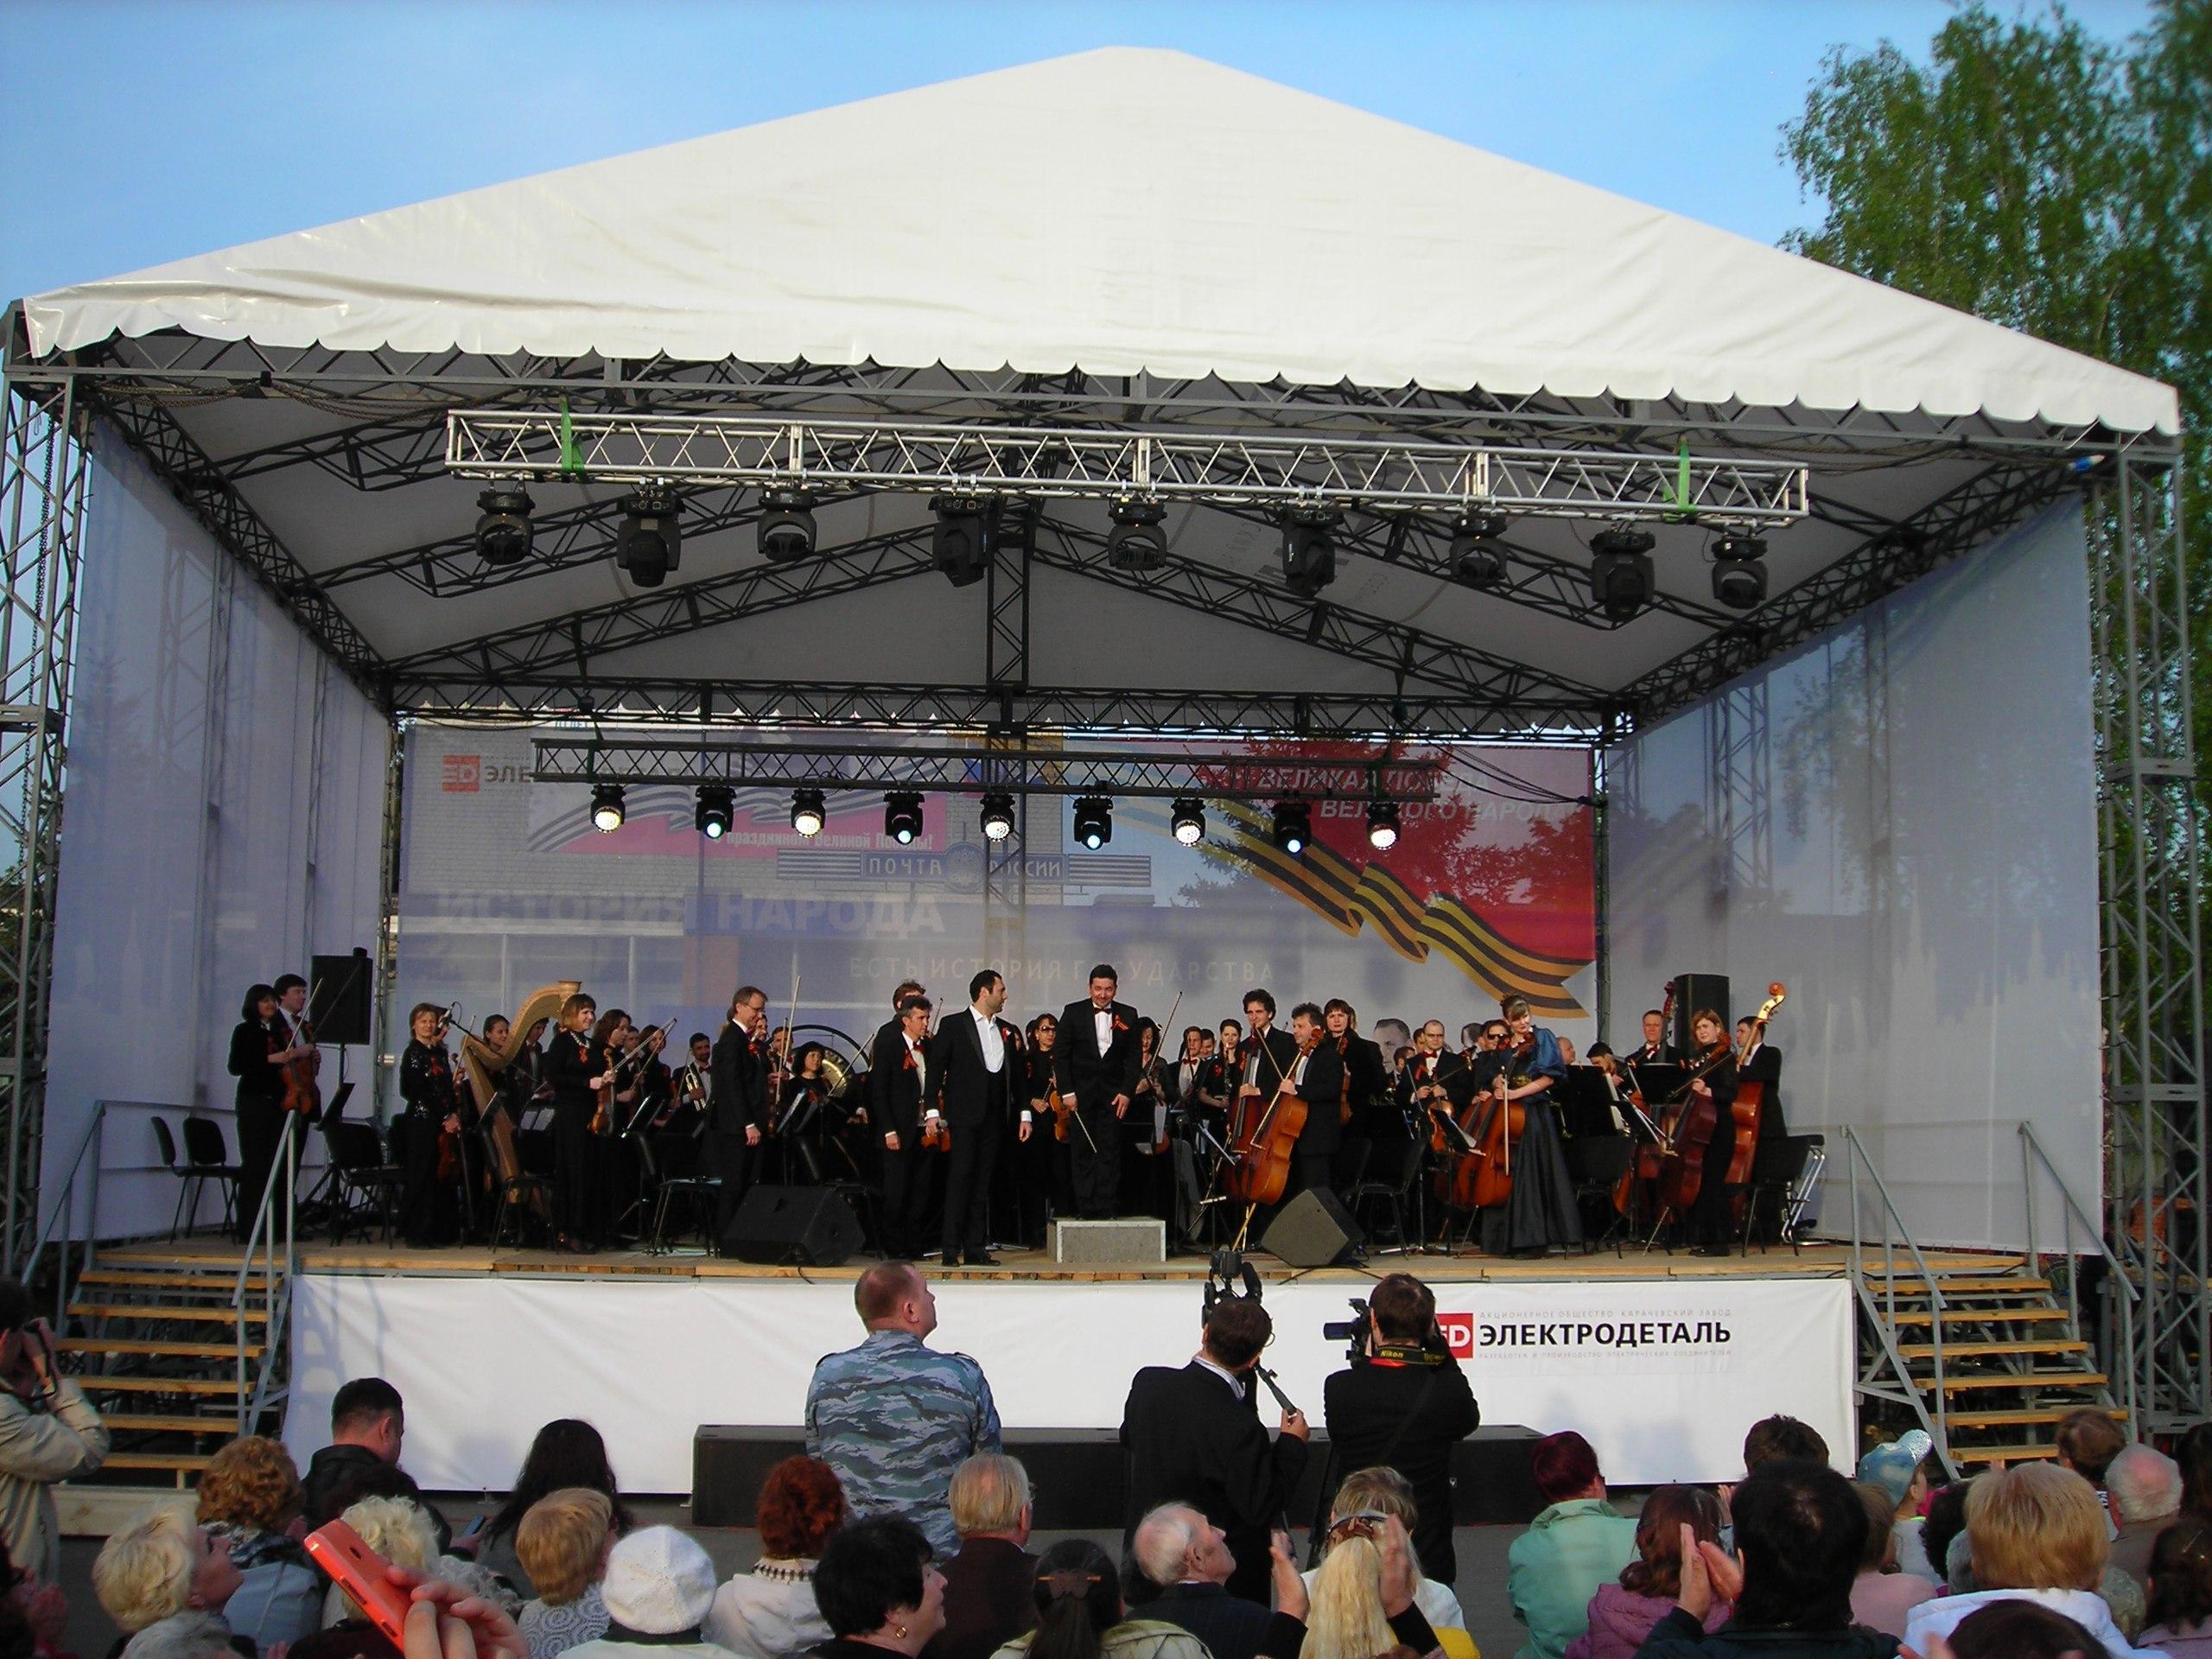 Образцово-показательный оркестр войск национальной гвардии РФ